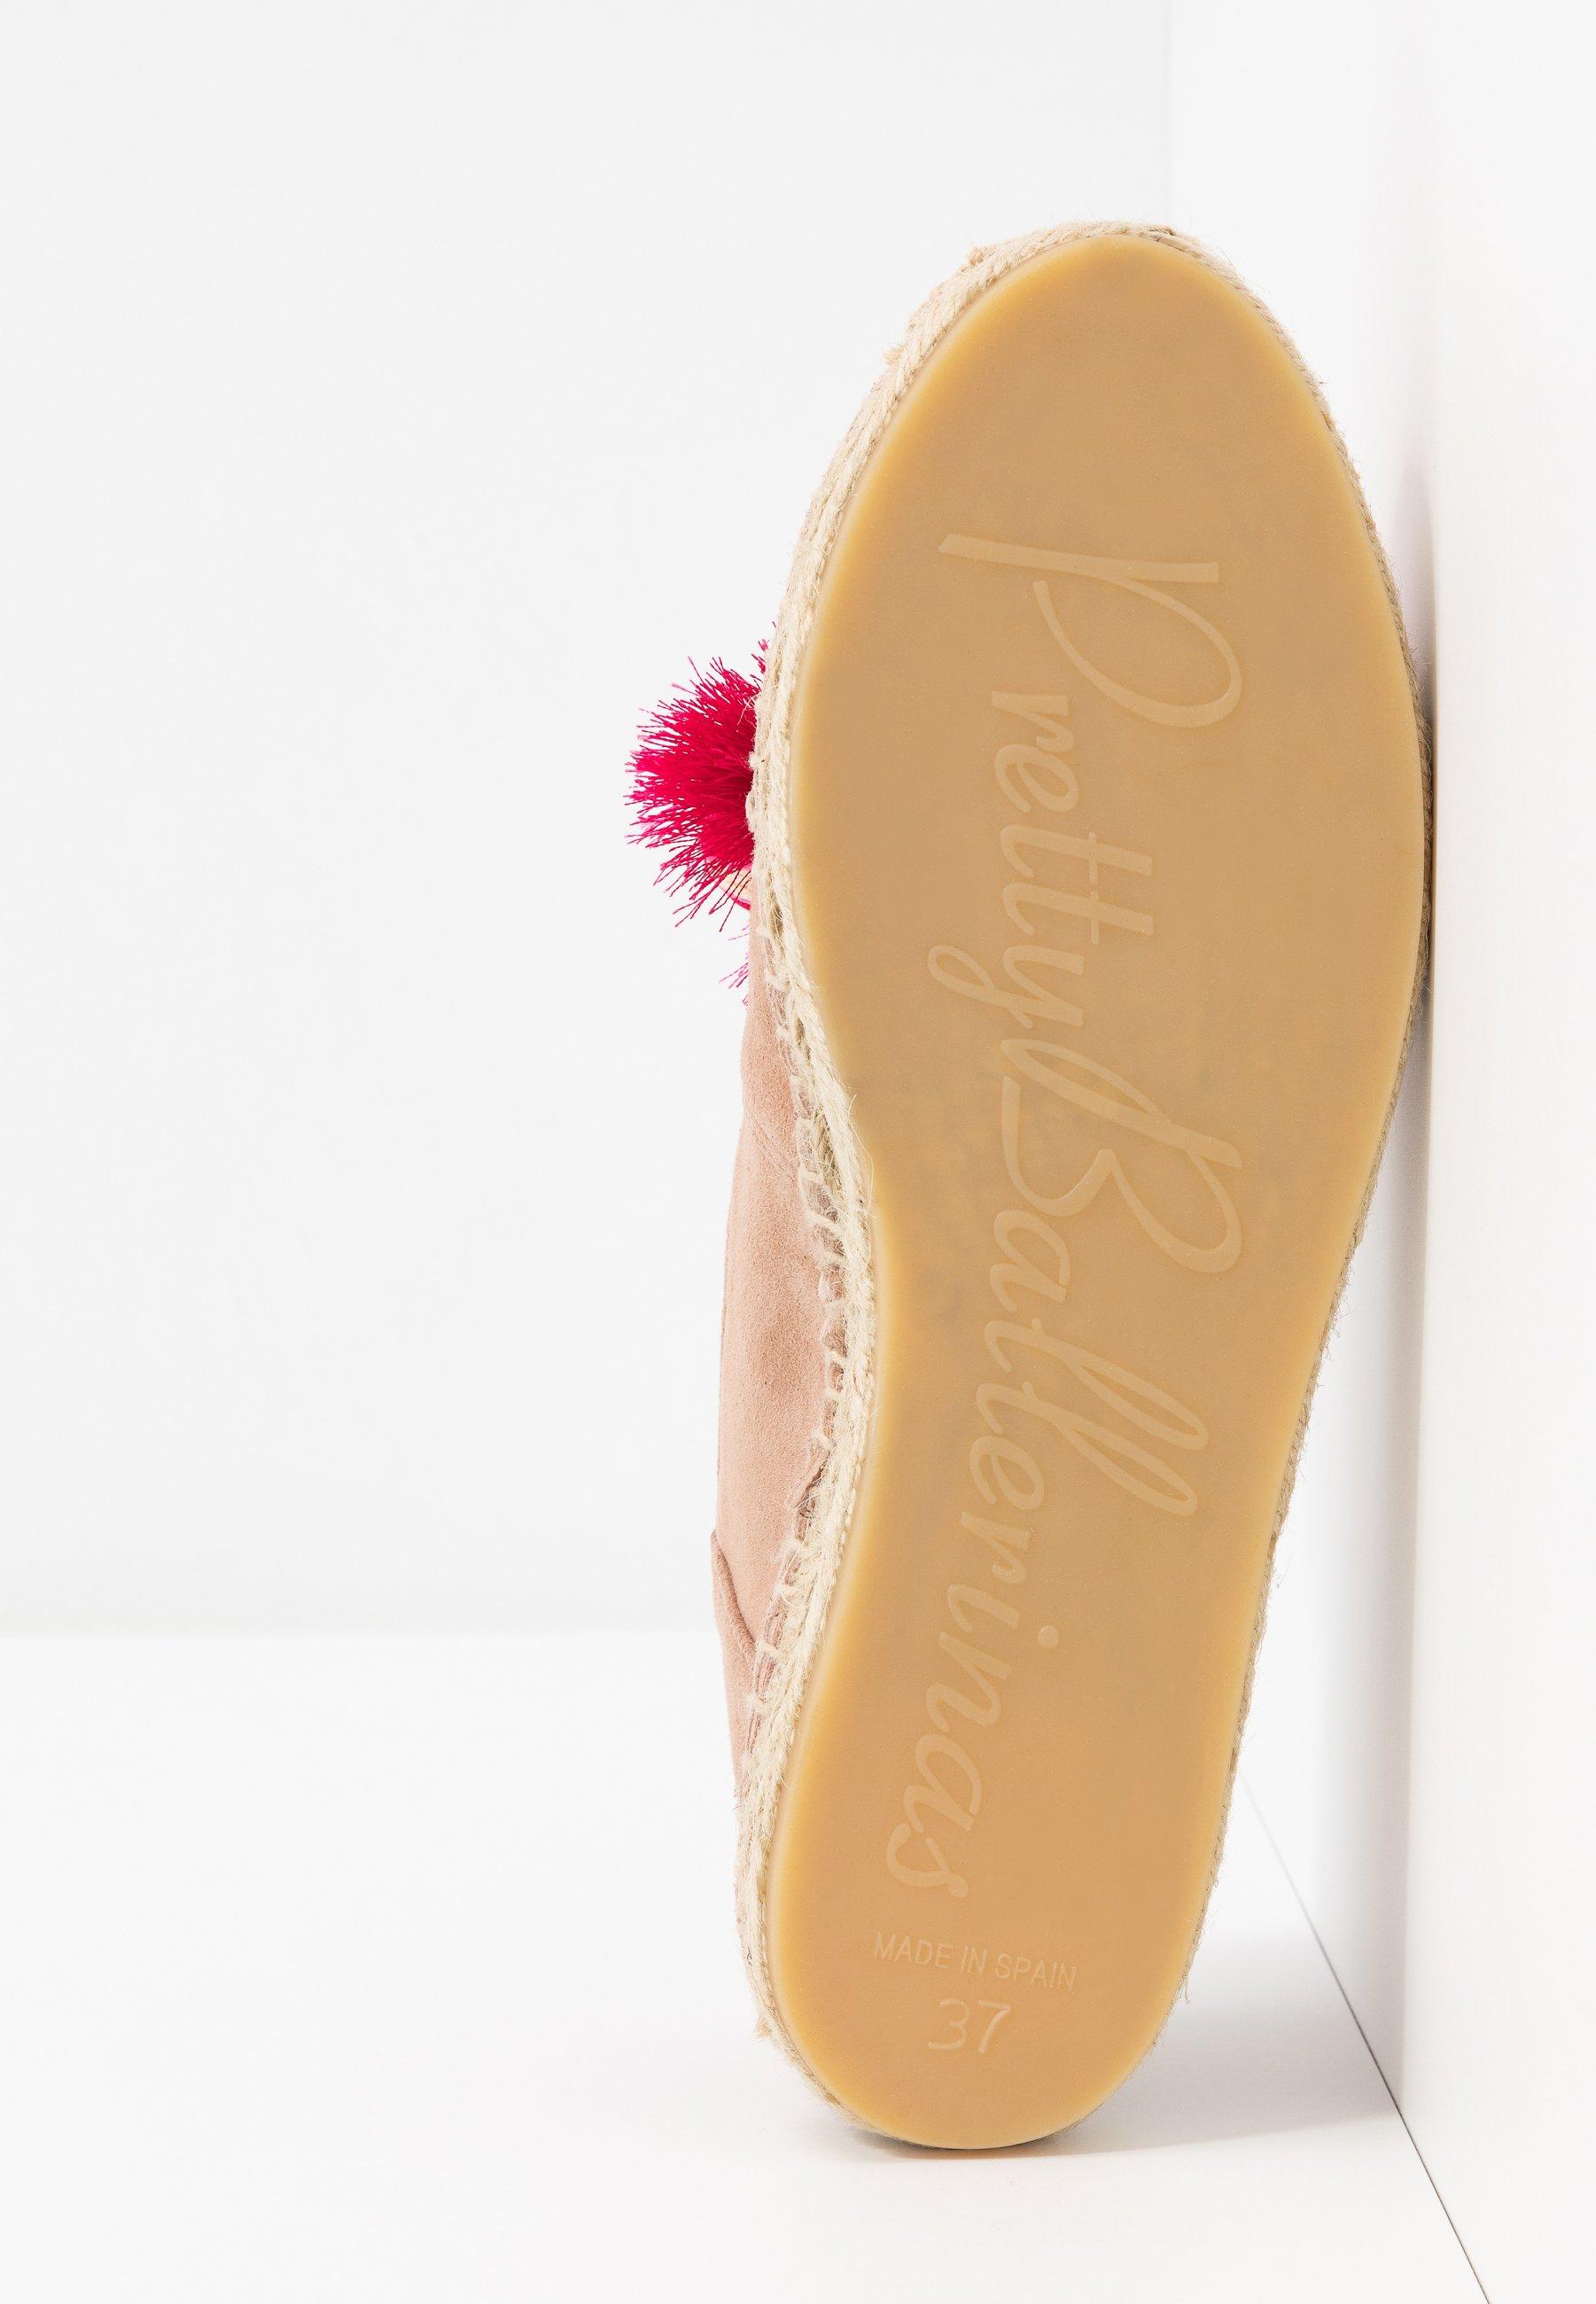 Pretty Ballerinas Angelis - Espadrillos Bisque/fuxia